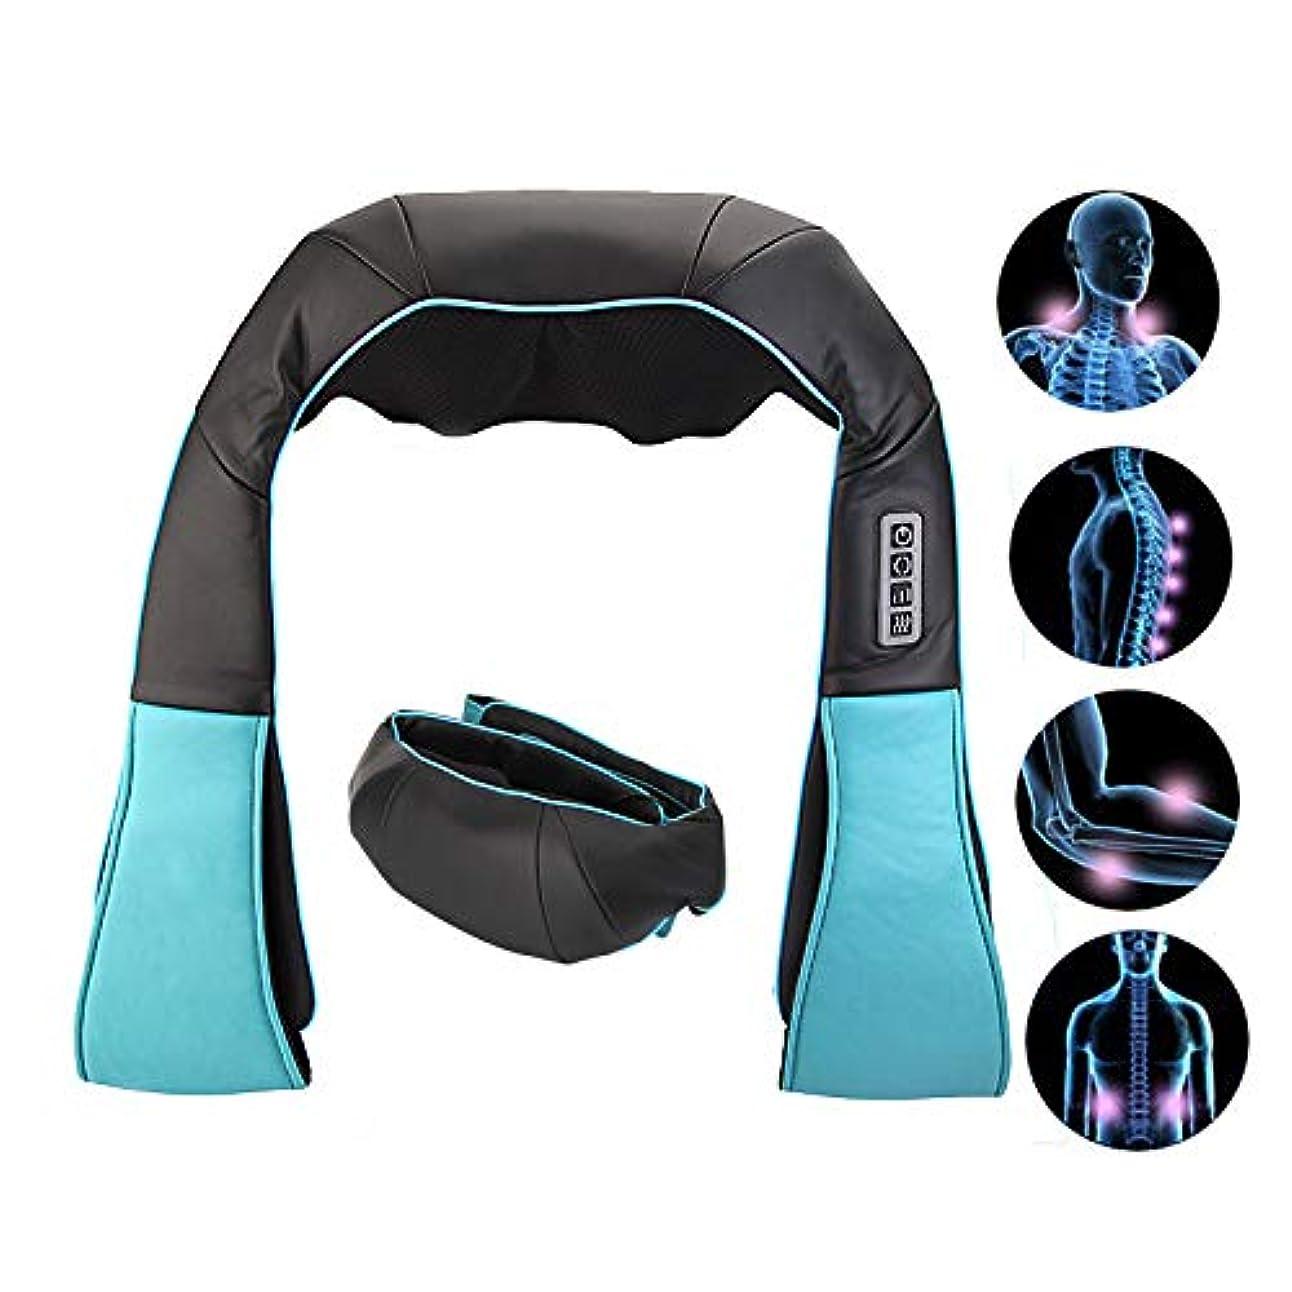 肩、脚、体の筋肉の痛みを和らげる、なだめるような熱を備えた電気指圧バックネックと肩のマッサージャー